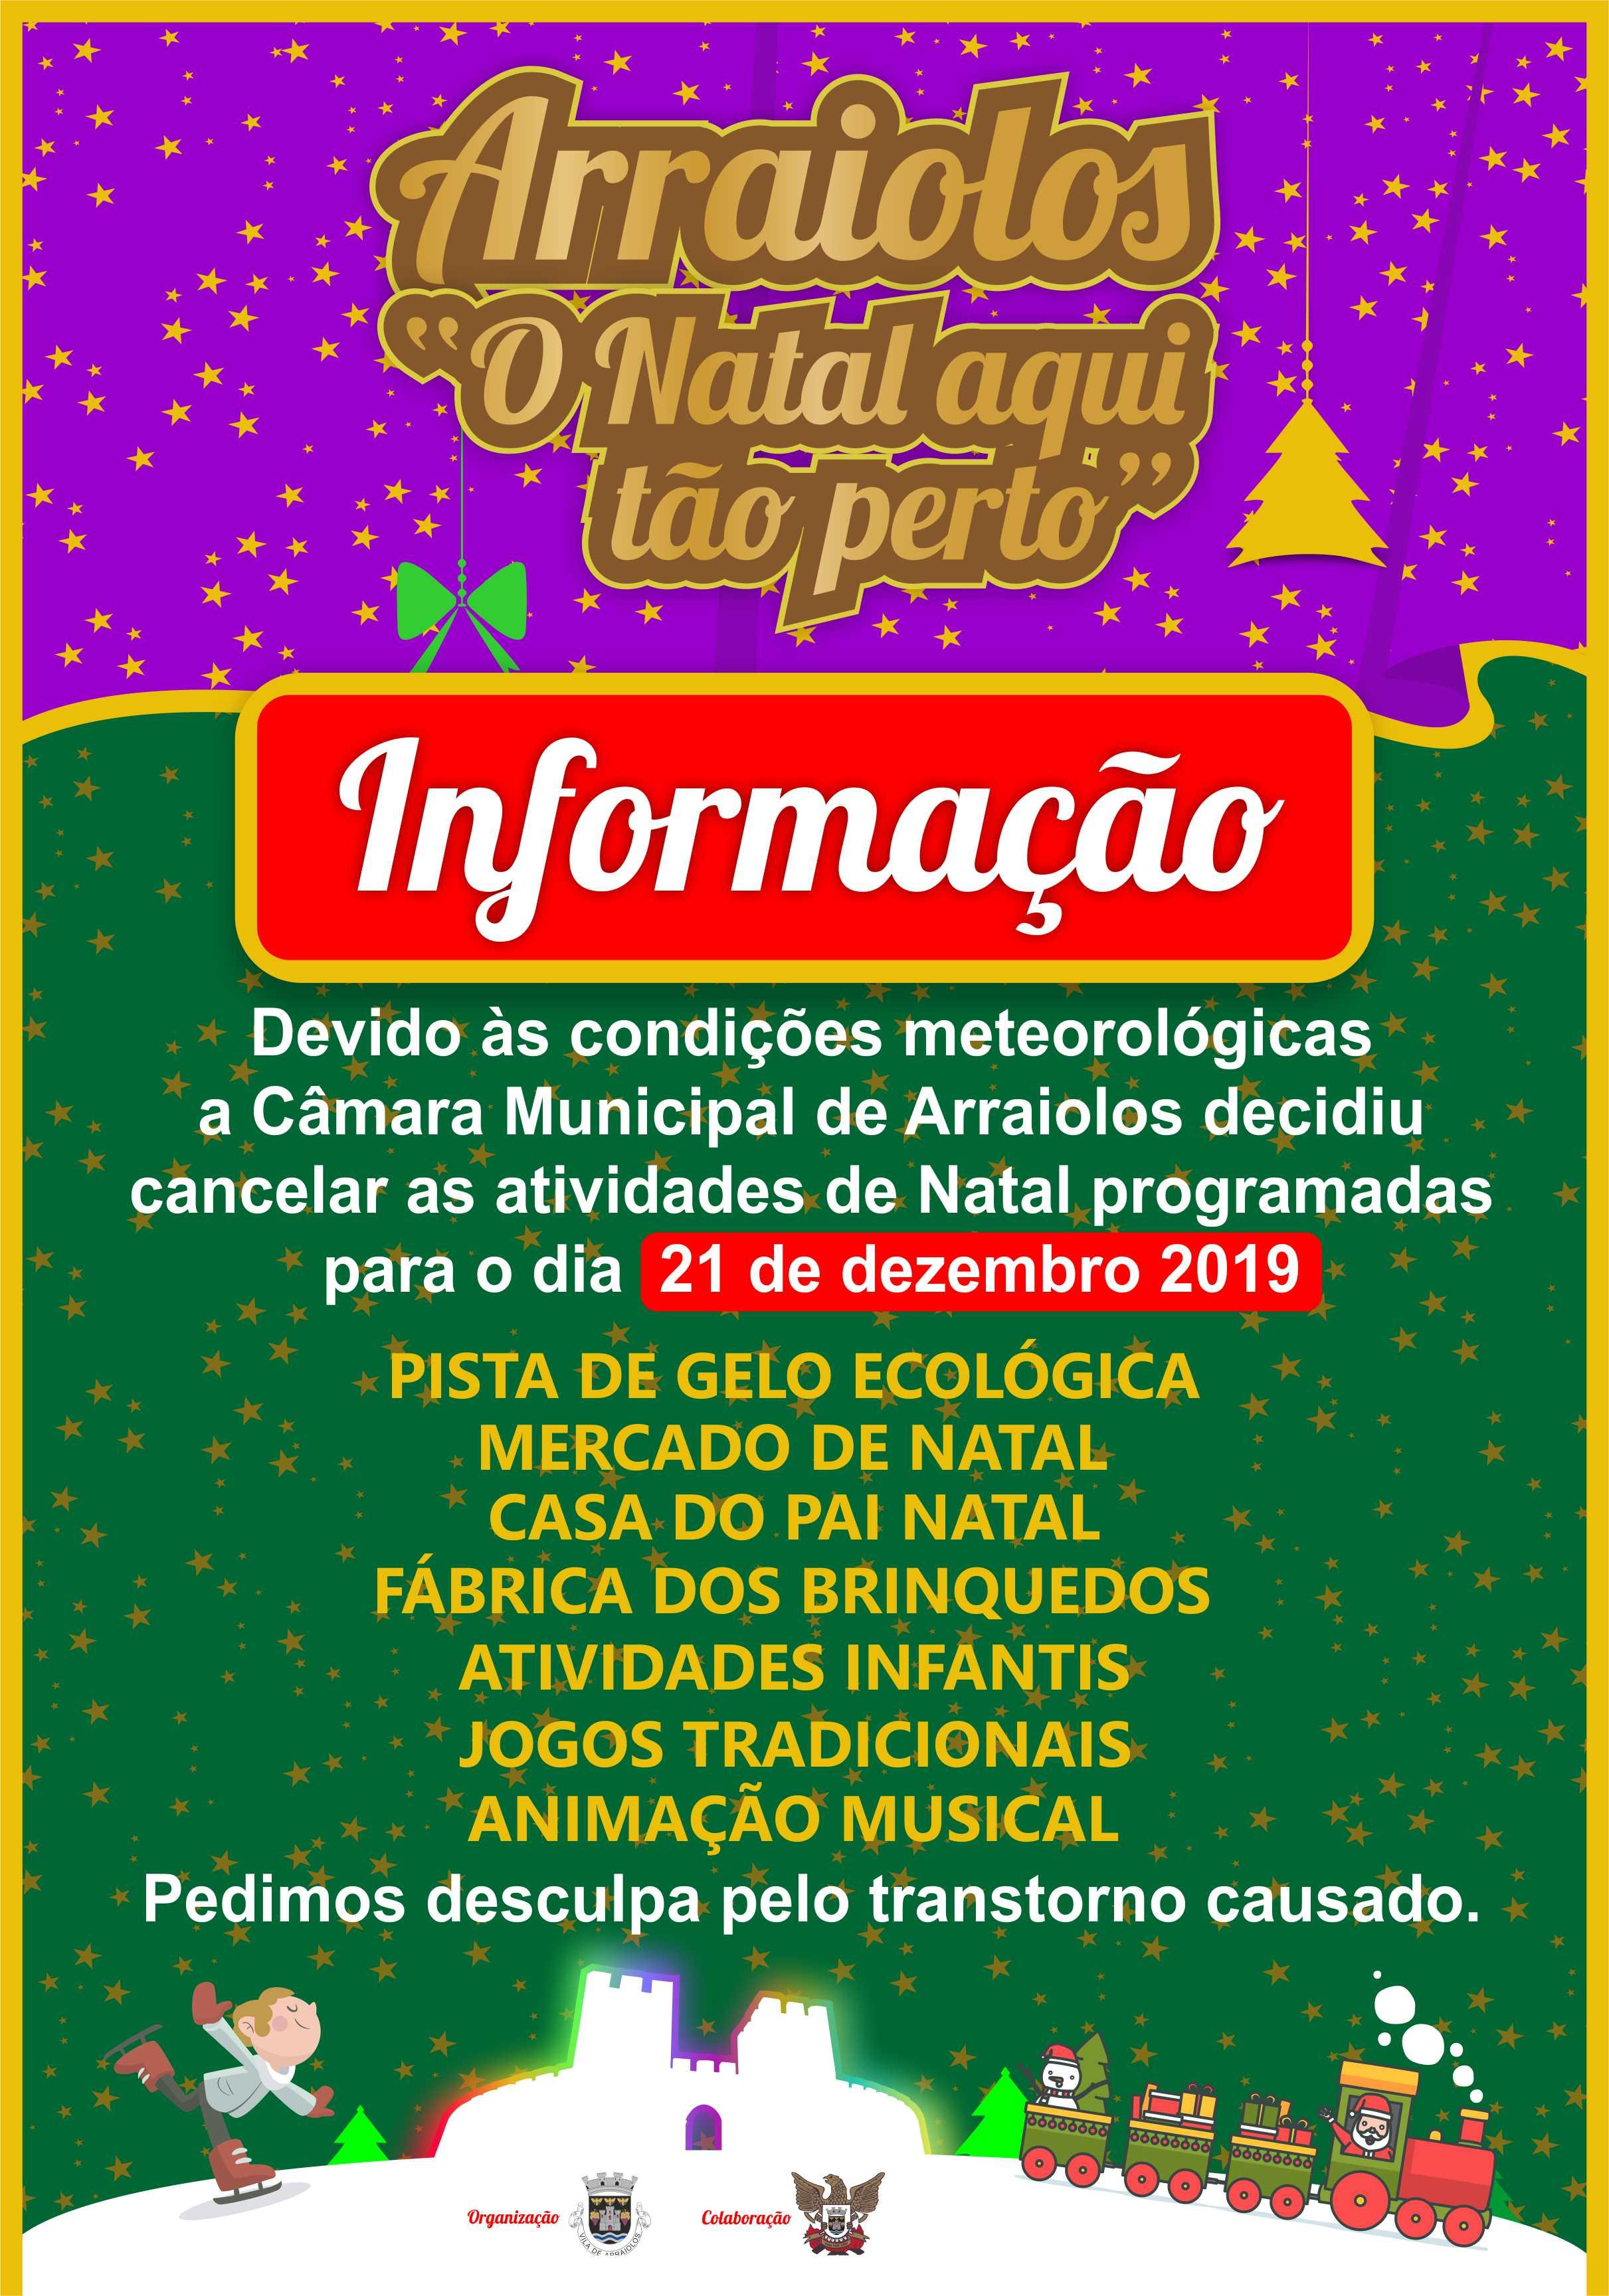 Info_Atividades de Natal2019.jpg